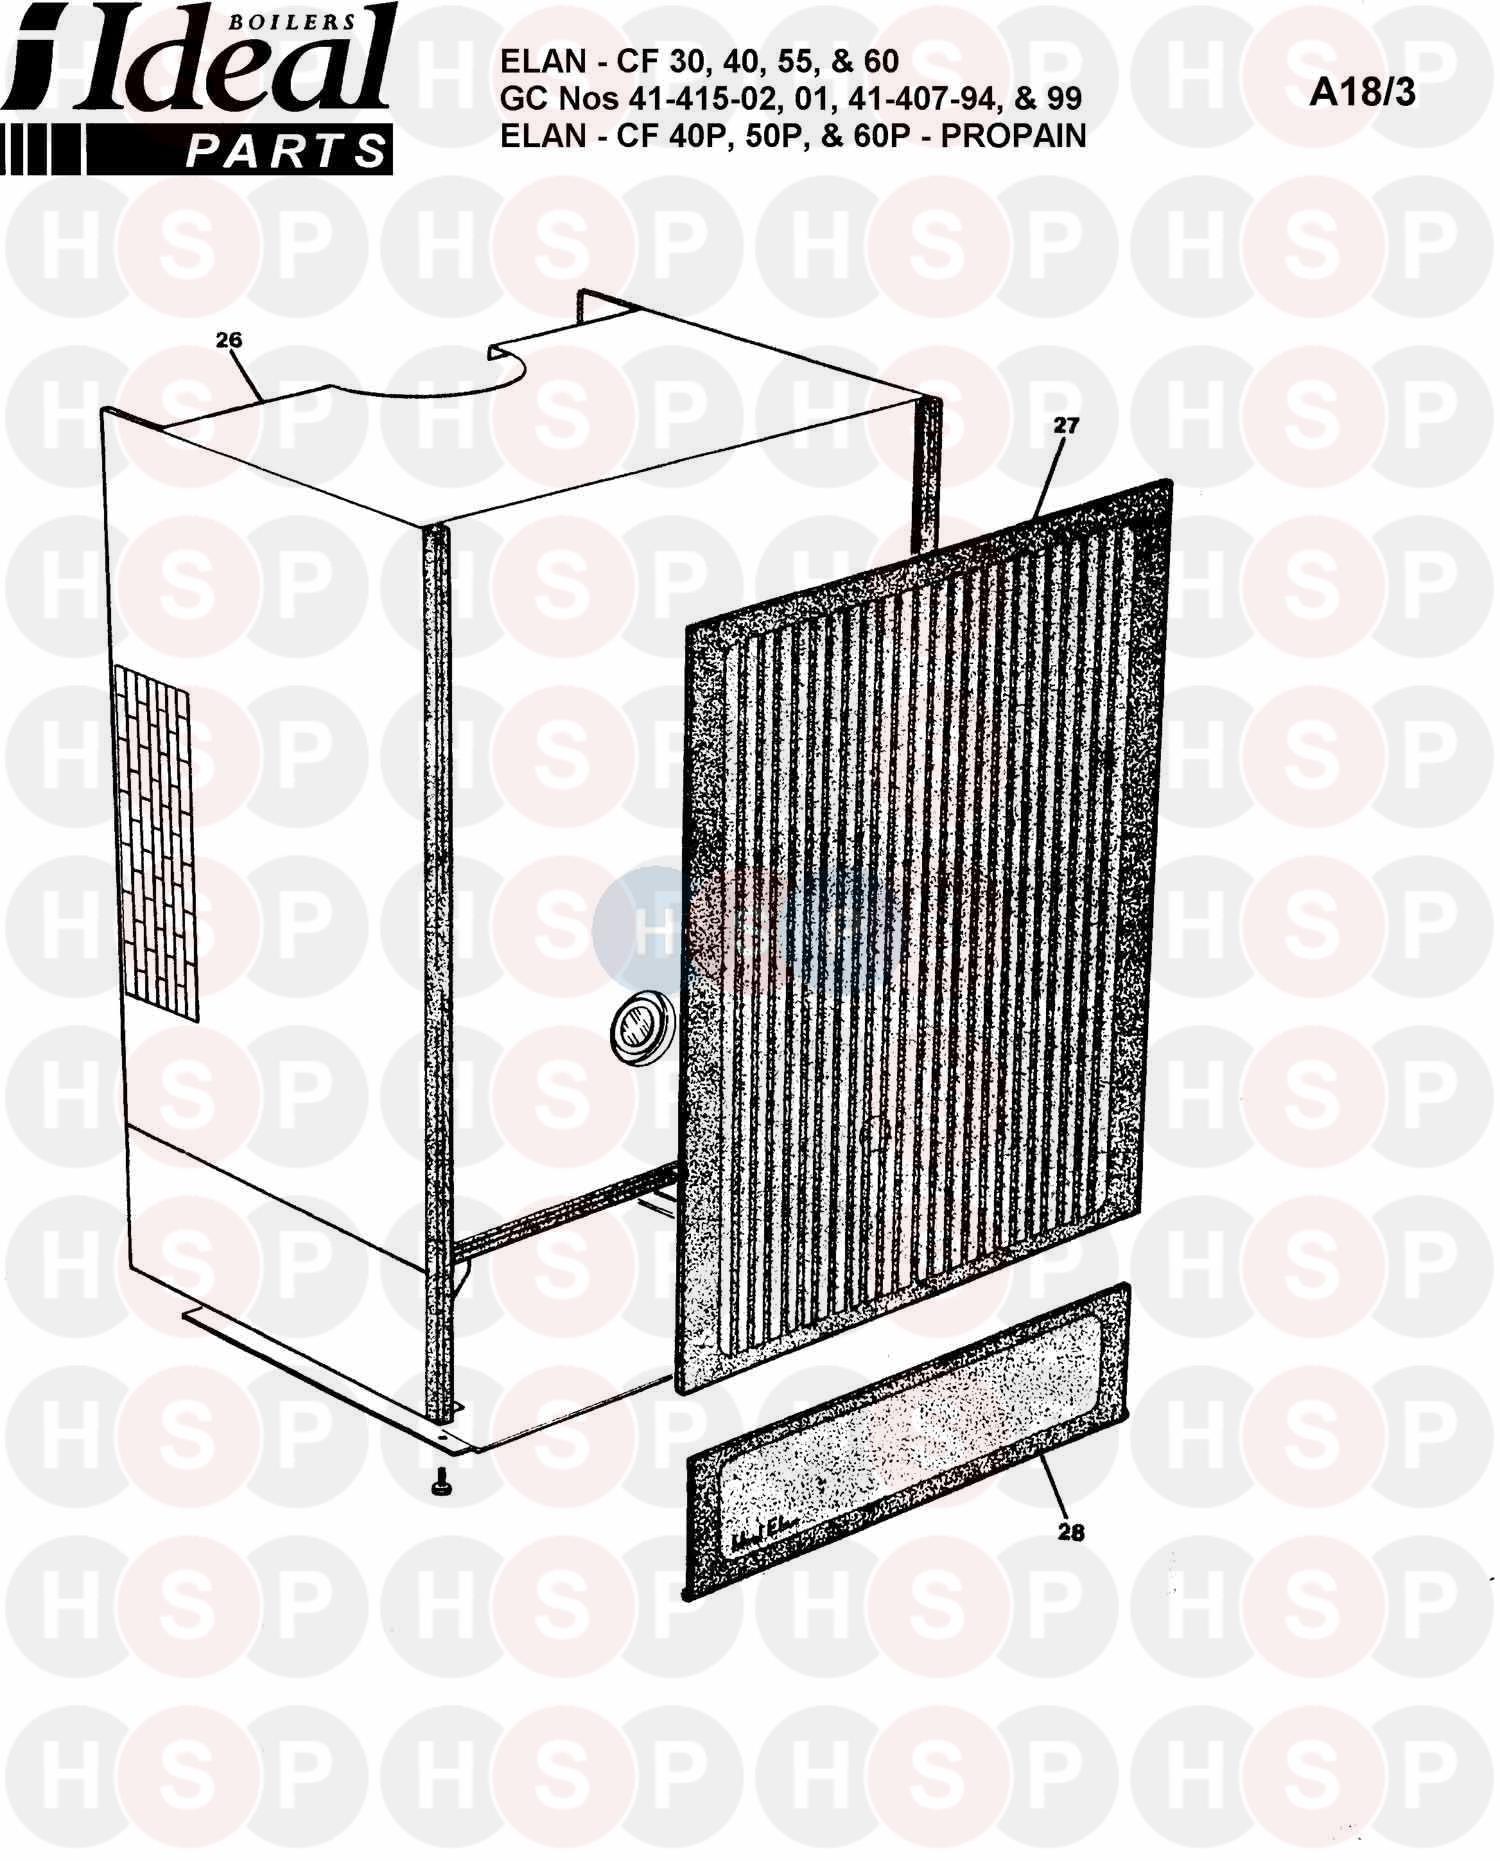 Ideal ELAN CF 40P (Boiler Casing) Diagram